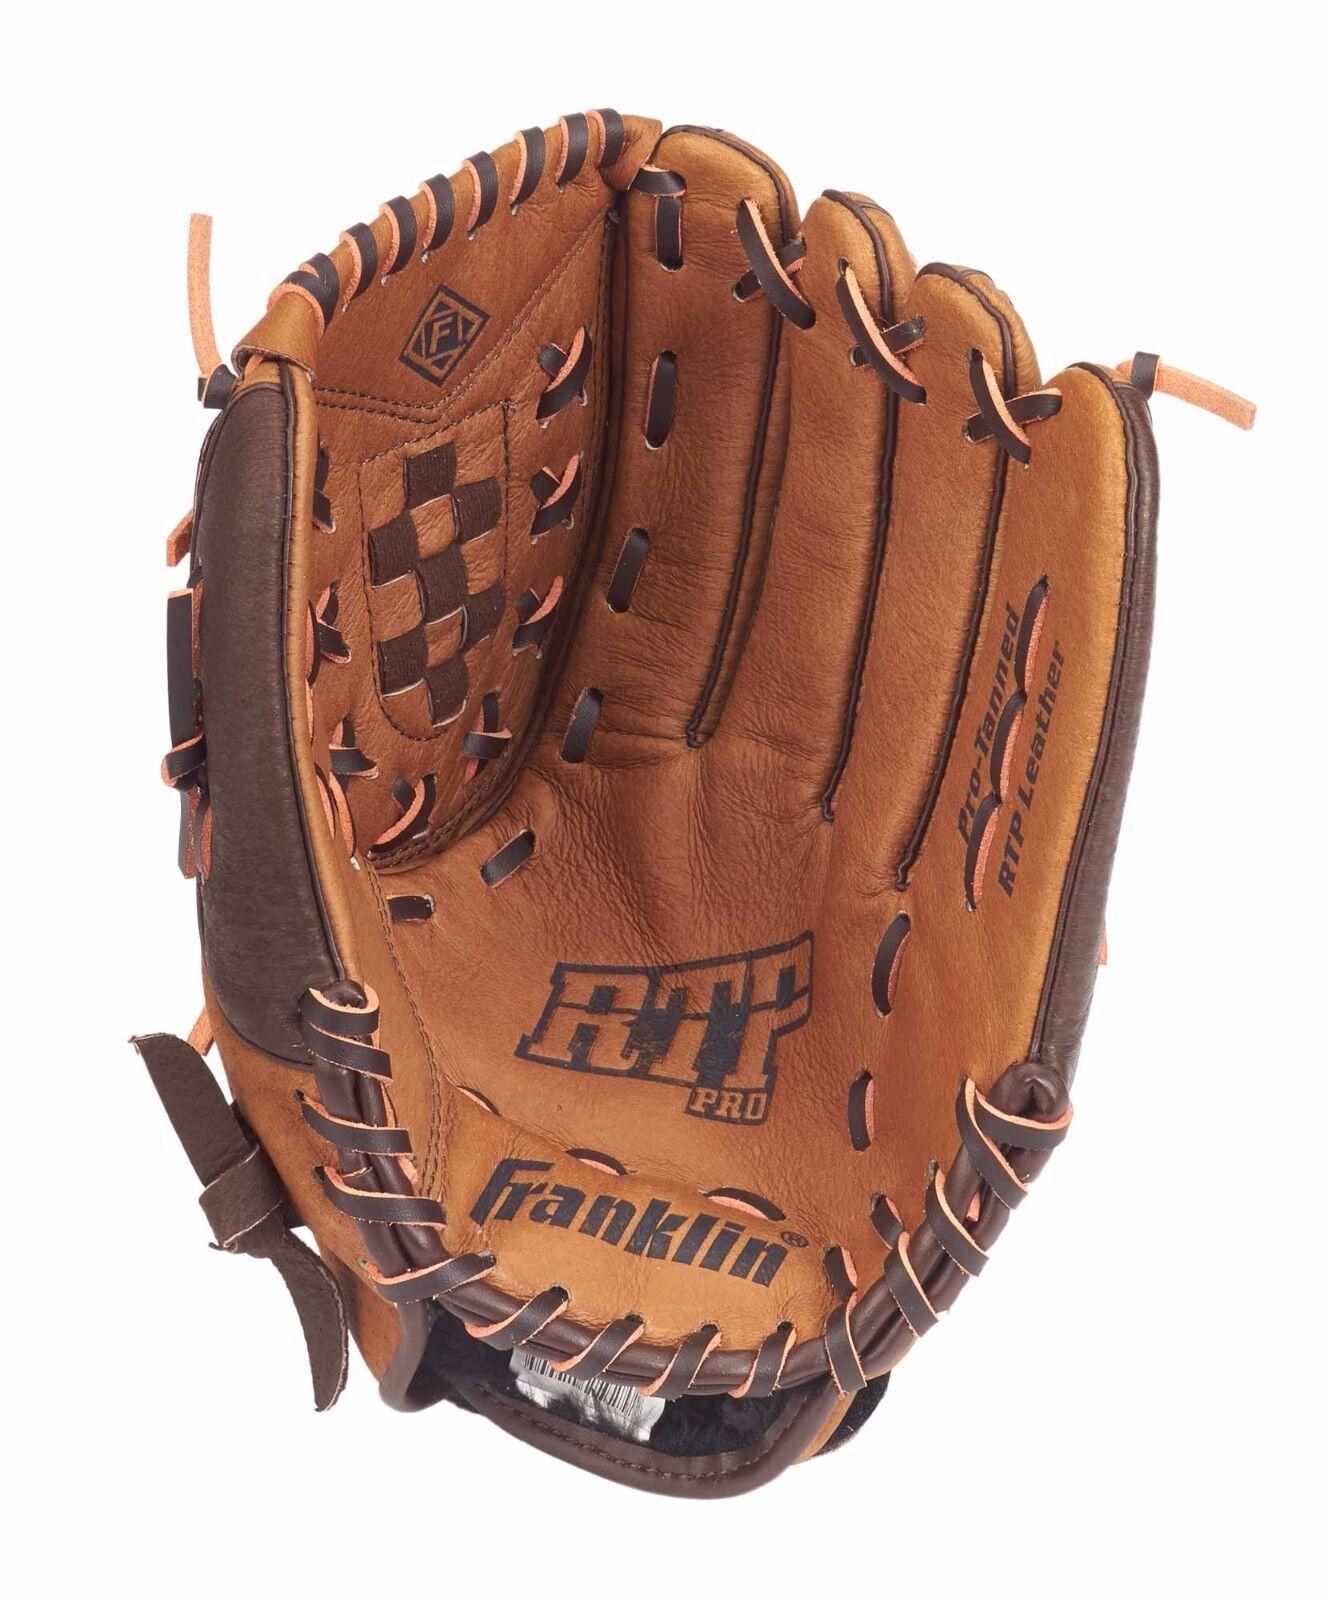 Franklin Fielding Glove RTP Pro - Leder - Baseball Fanghandschuh Base-Ball